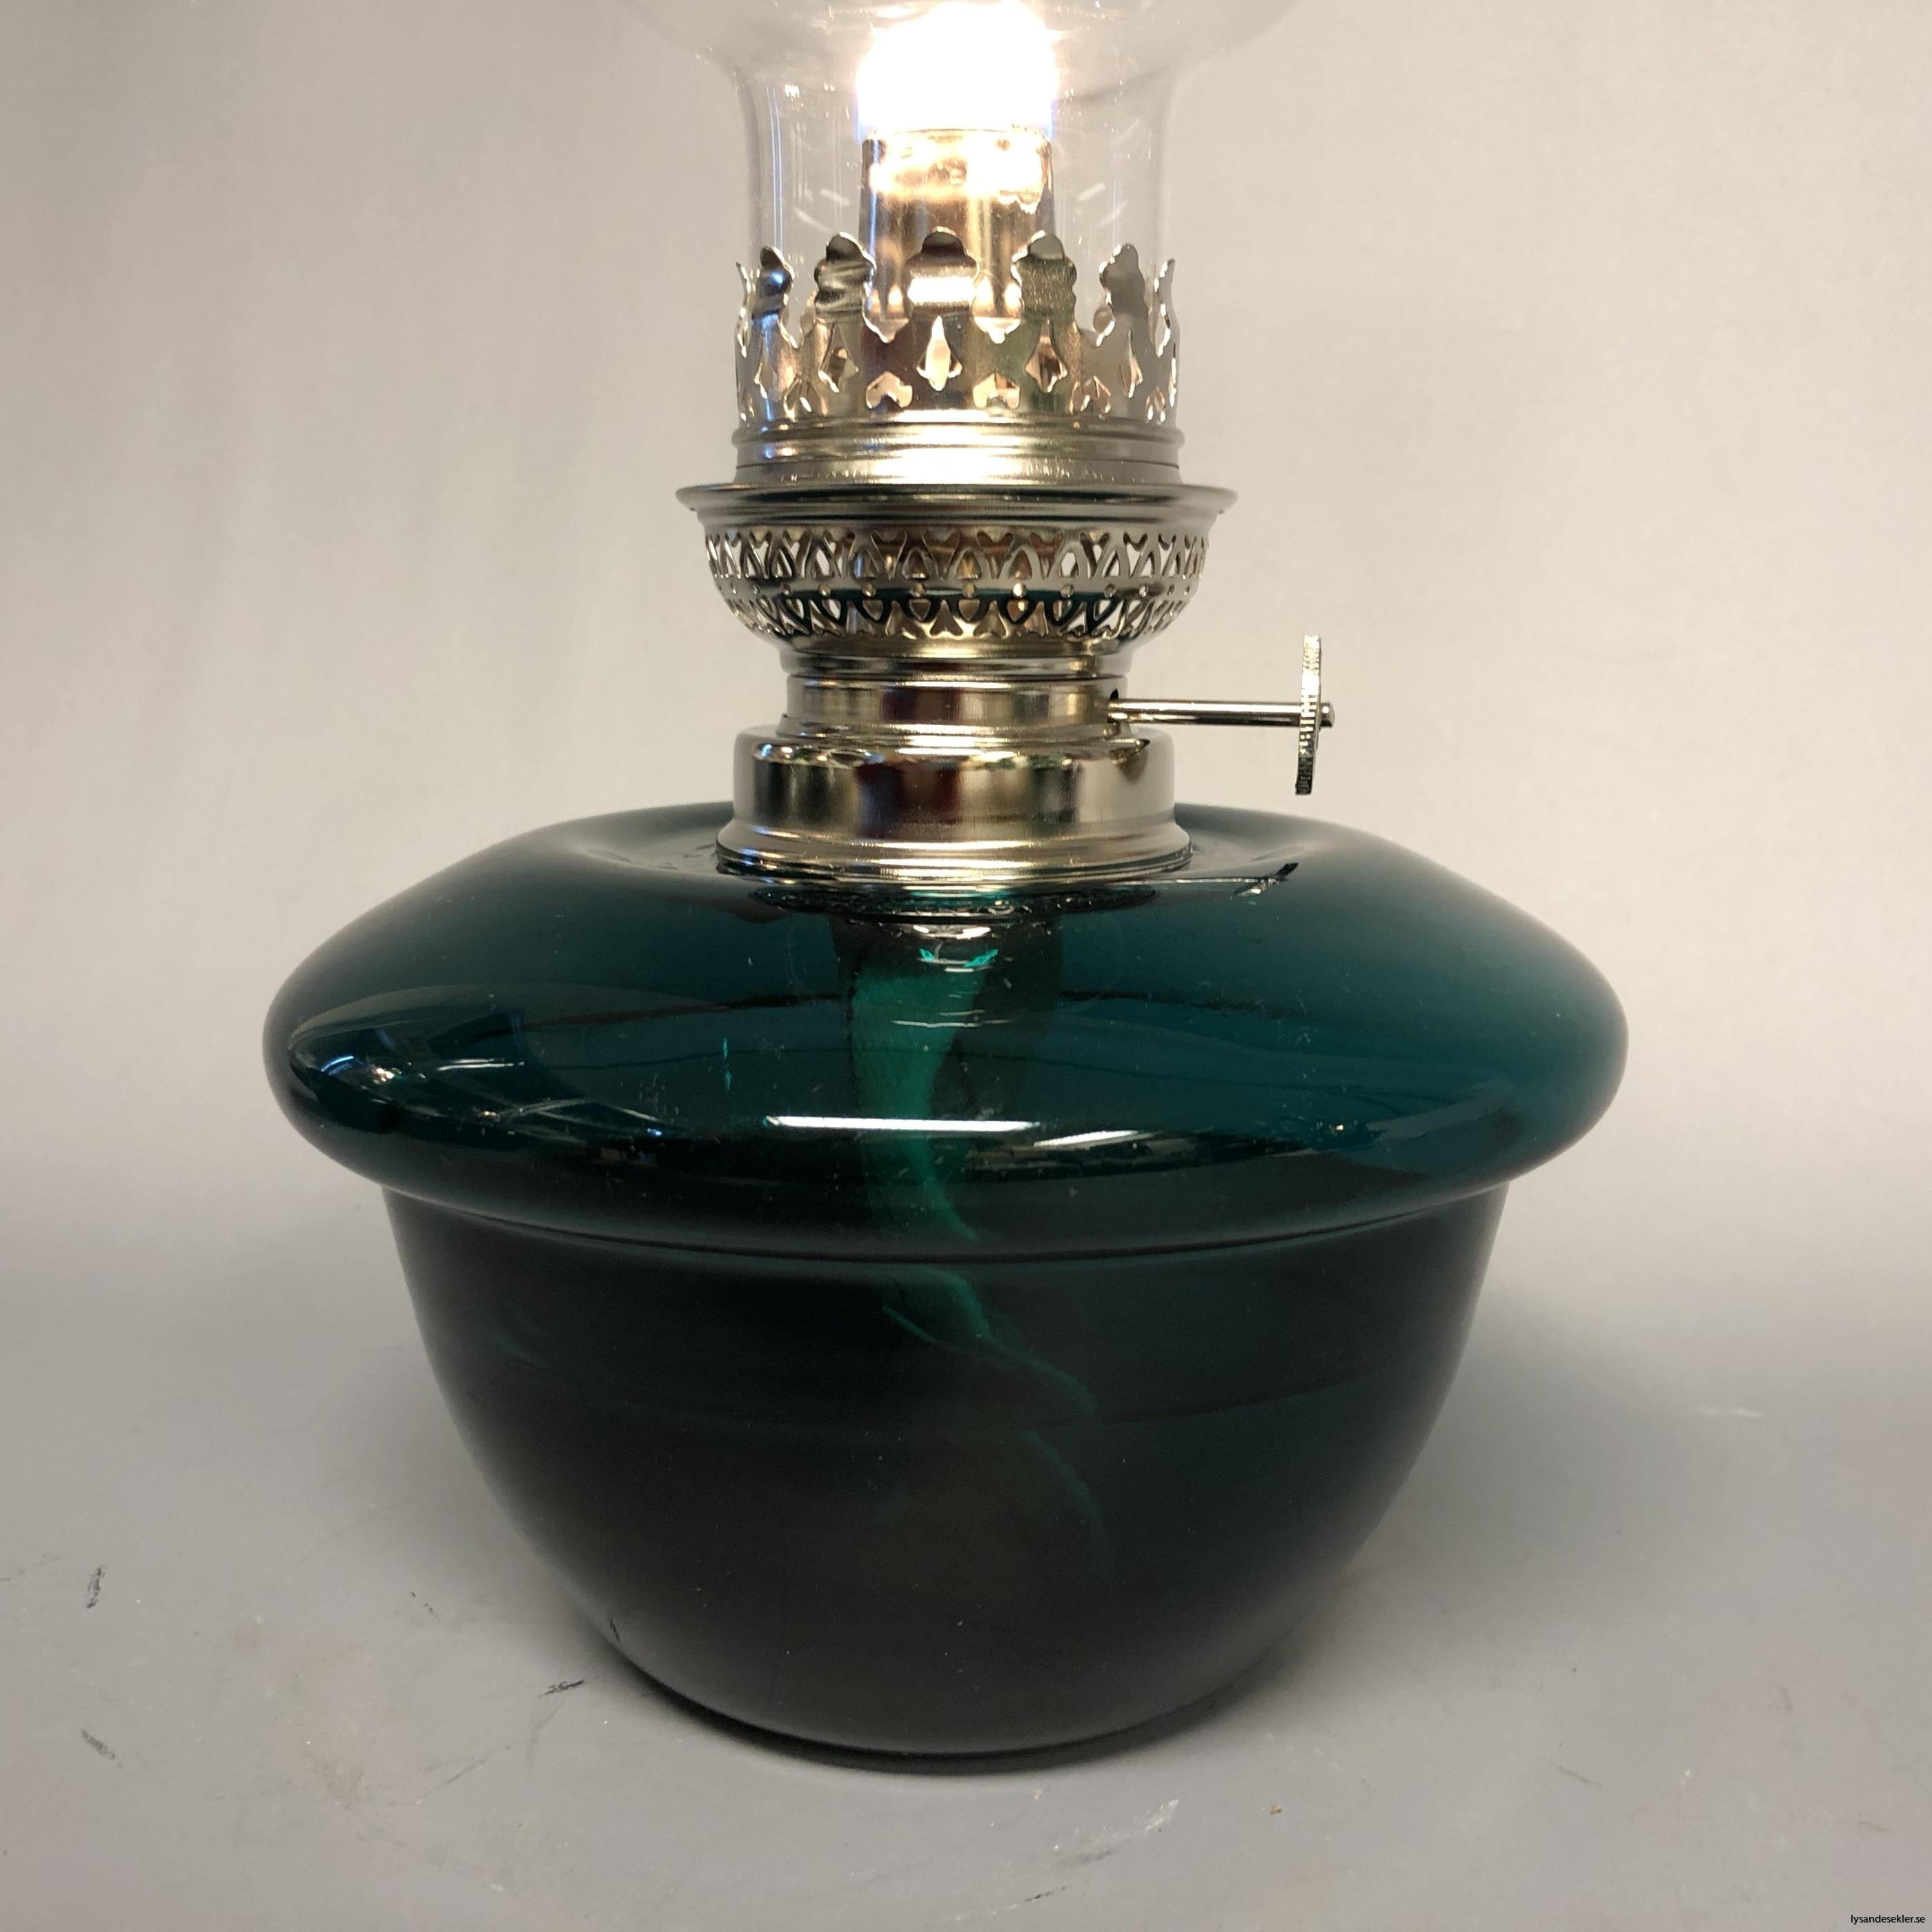 fotogenlampa fotogenlampor oljelampa oljelampor renoverad antik antikvitet43